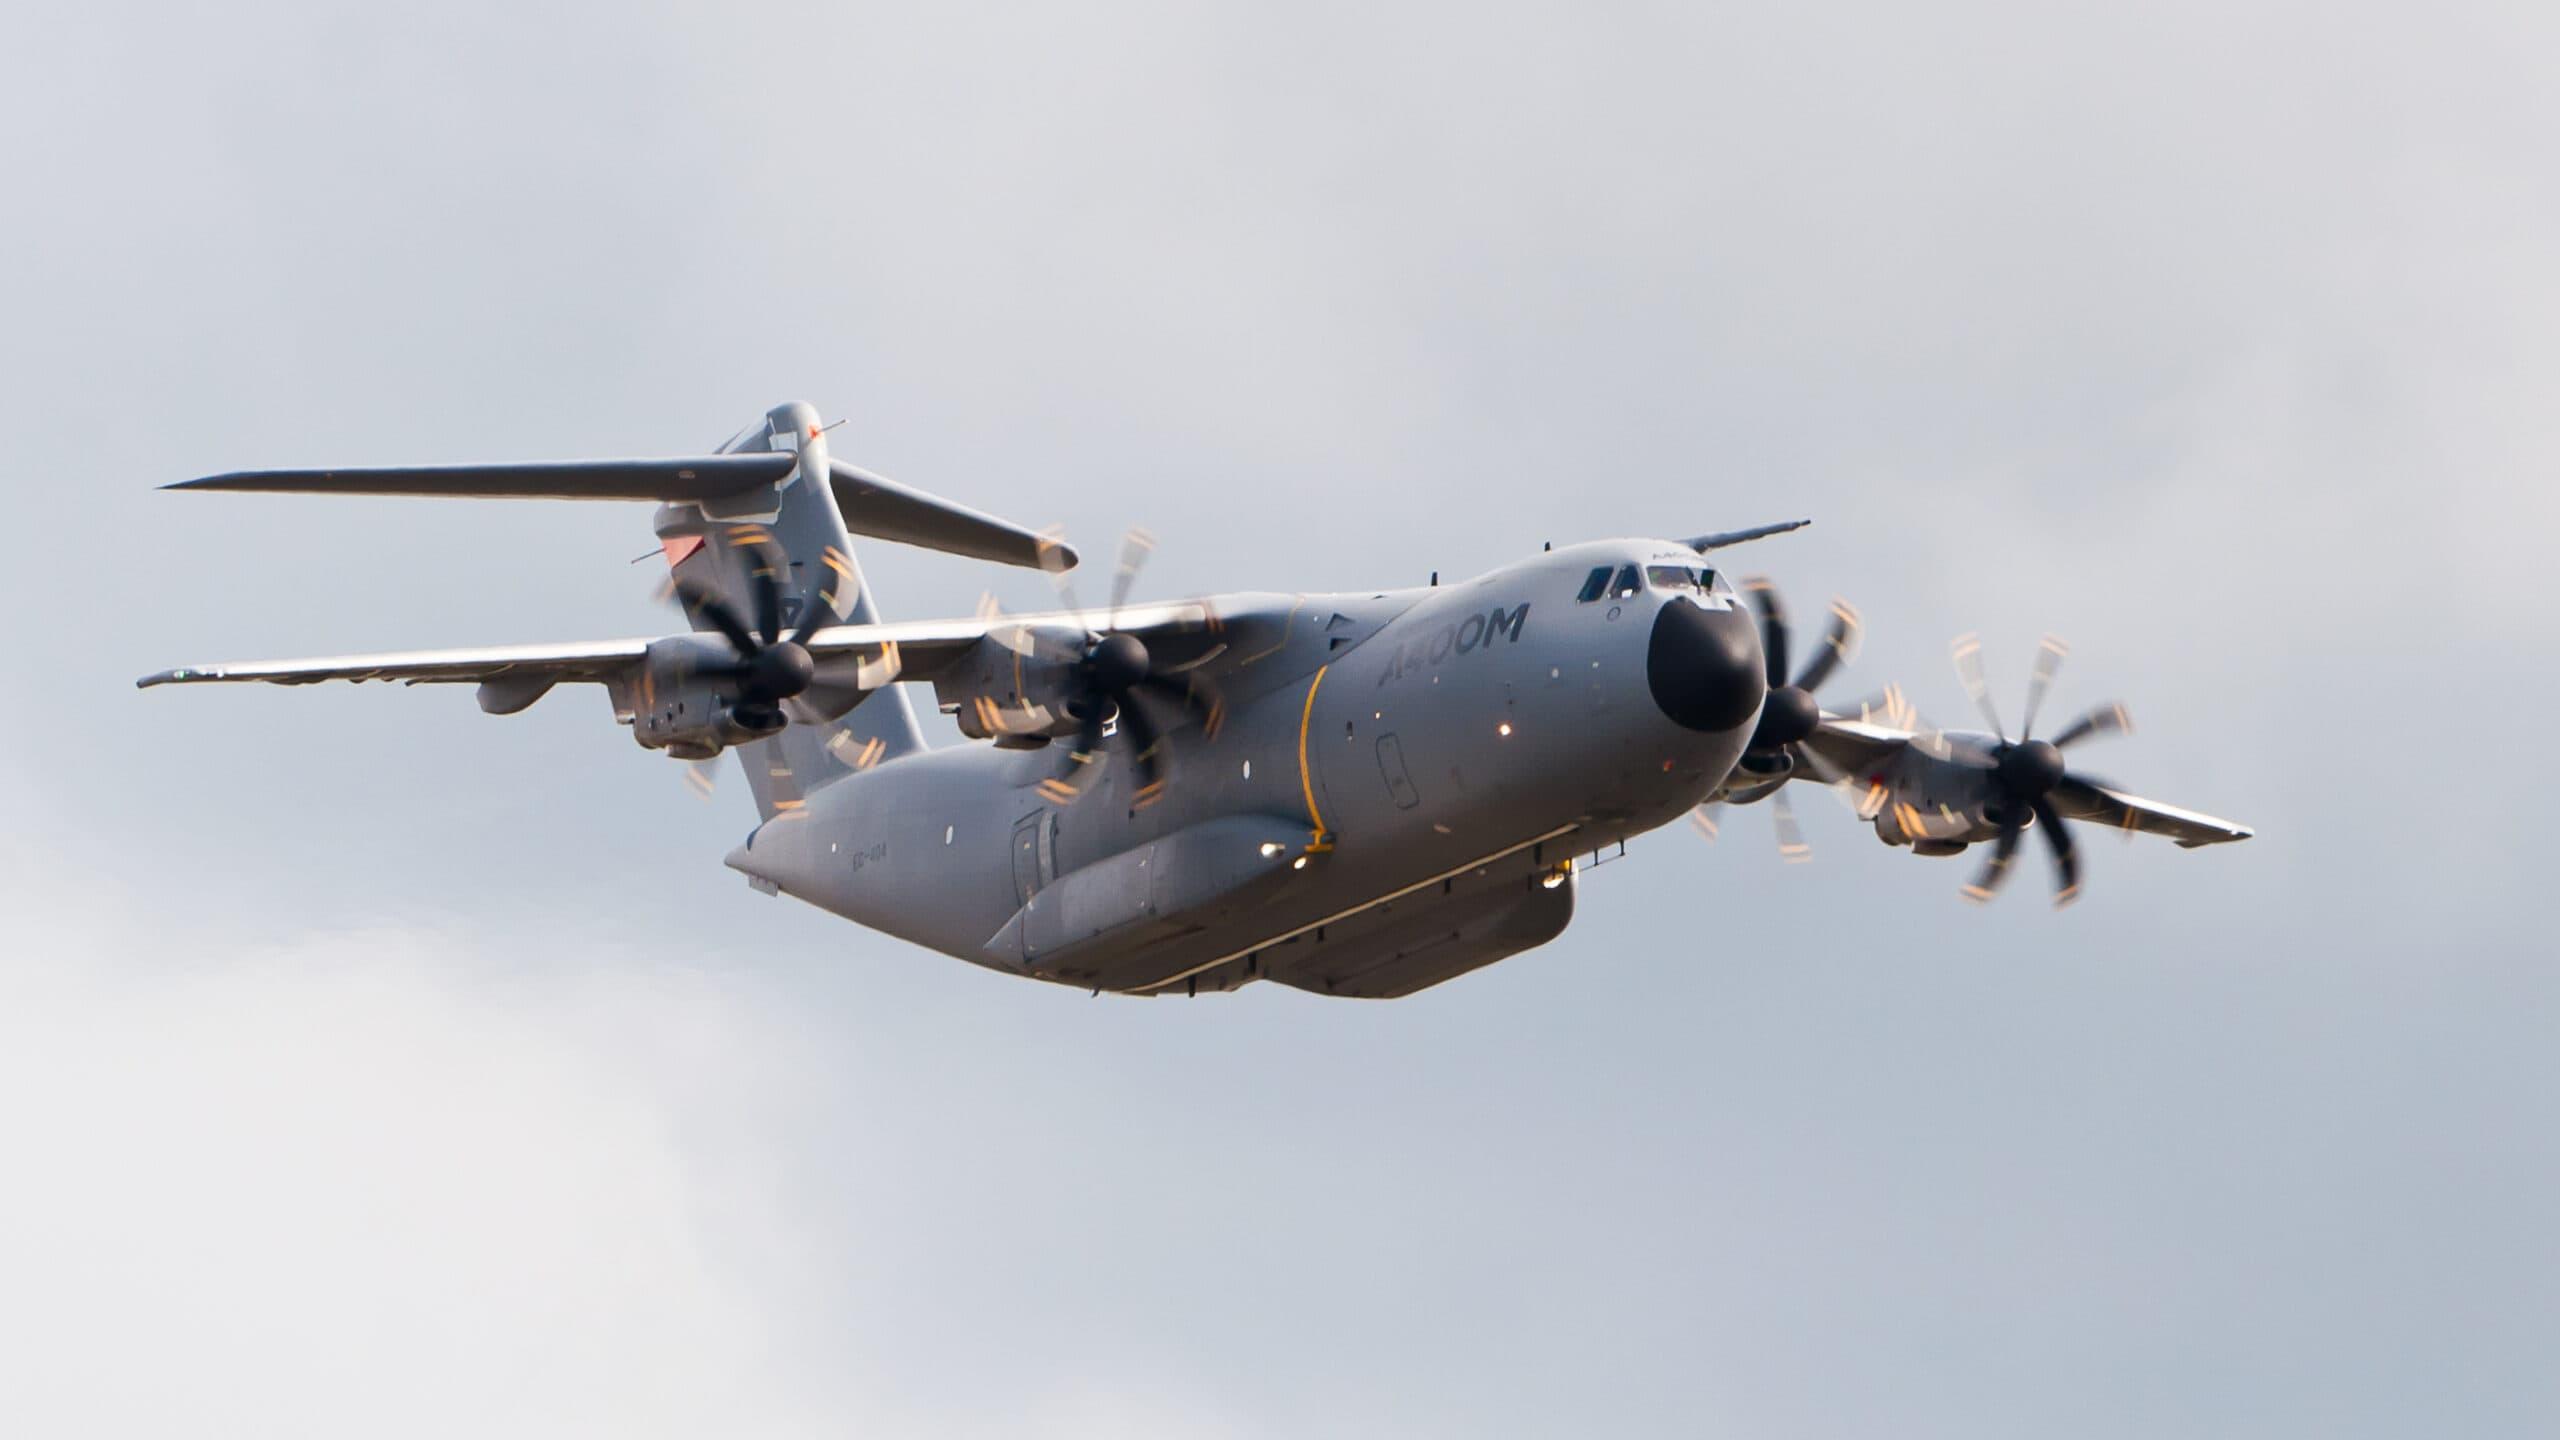 Wartung türkischer Militärflugzeuge: enttäuschende Antworten von Airbus, OCCAR und der Bundesregierung